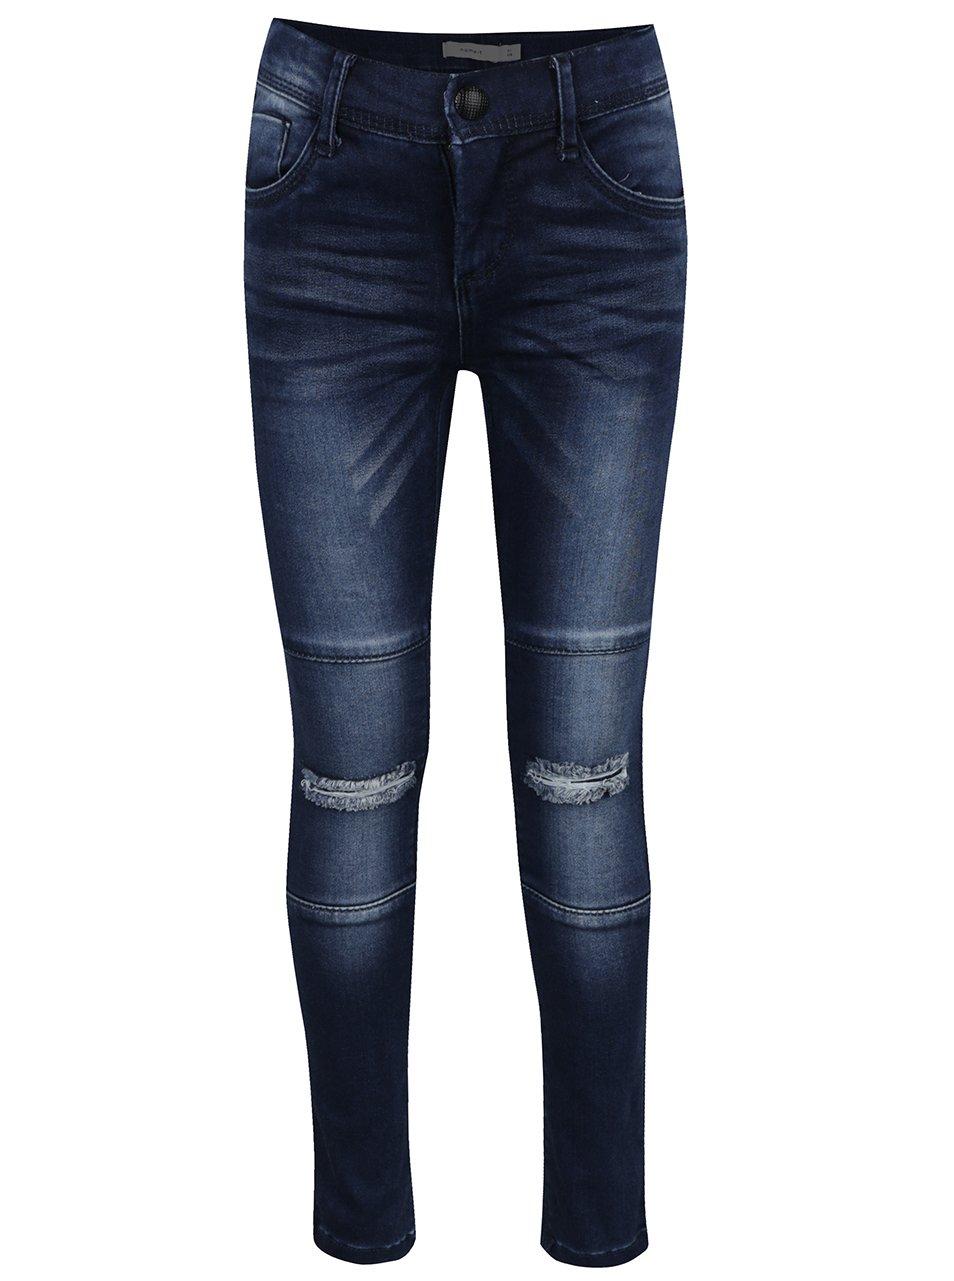 Tmavě modré holčičí skinny džíny s potrhaným efektem name it Tammy